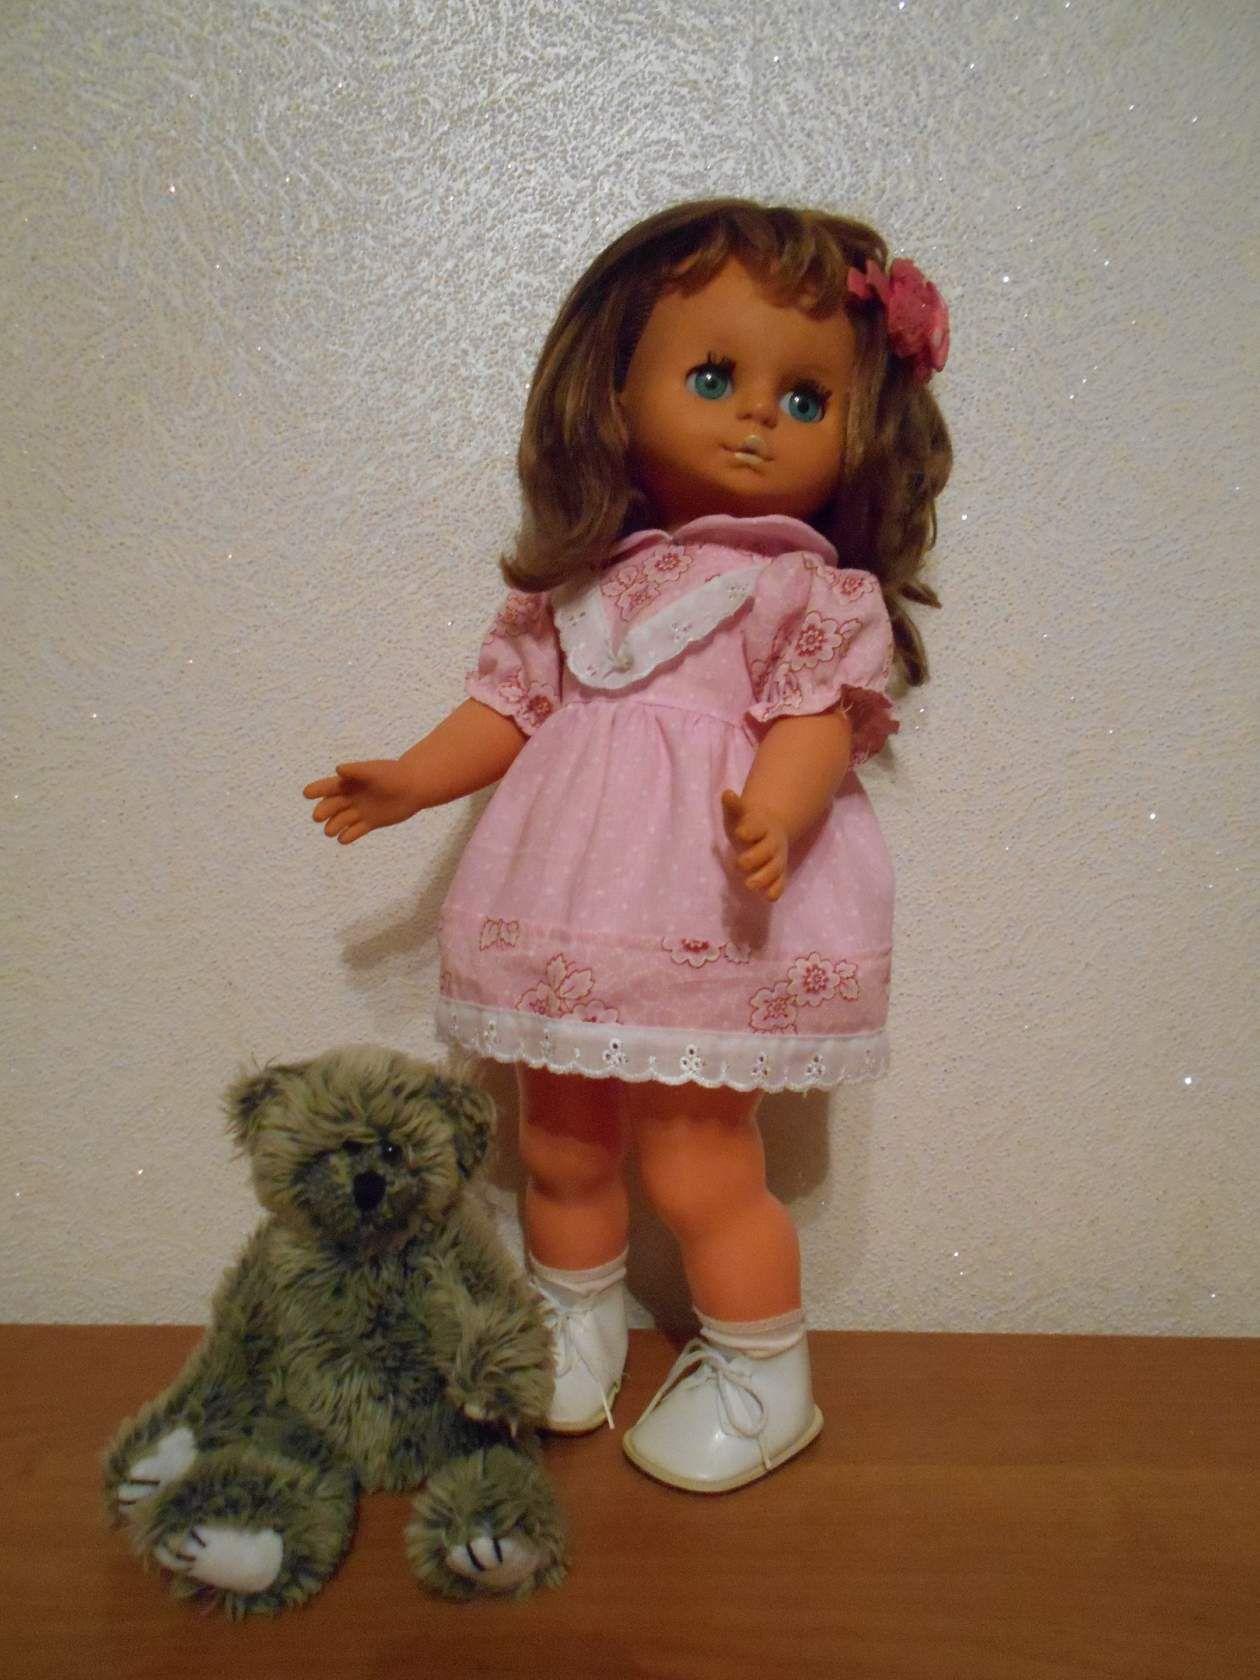 кукольная кукла гдр немка платье одежда